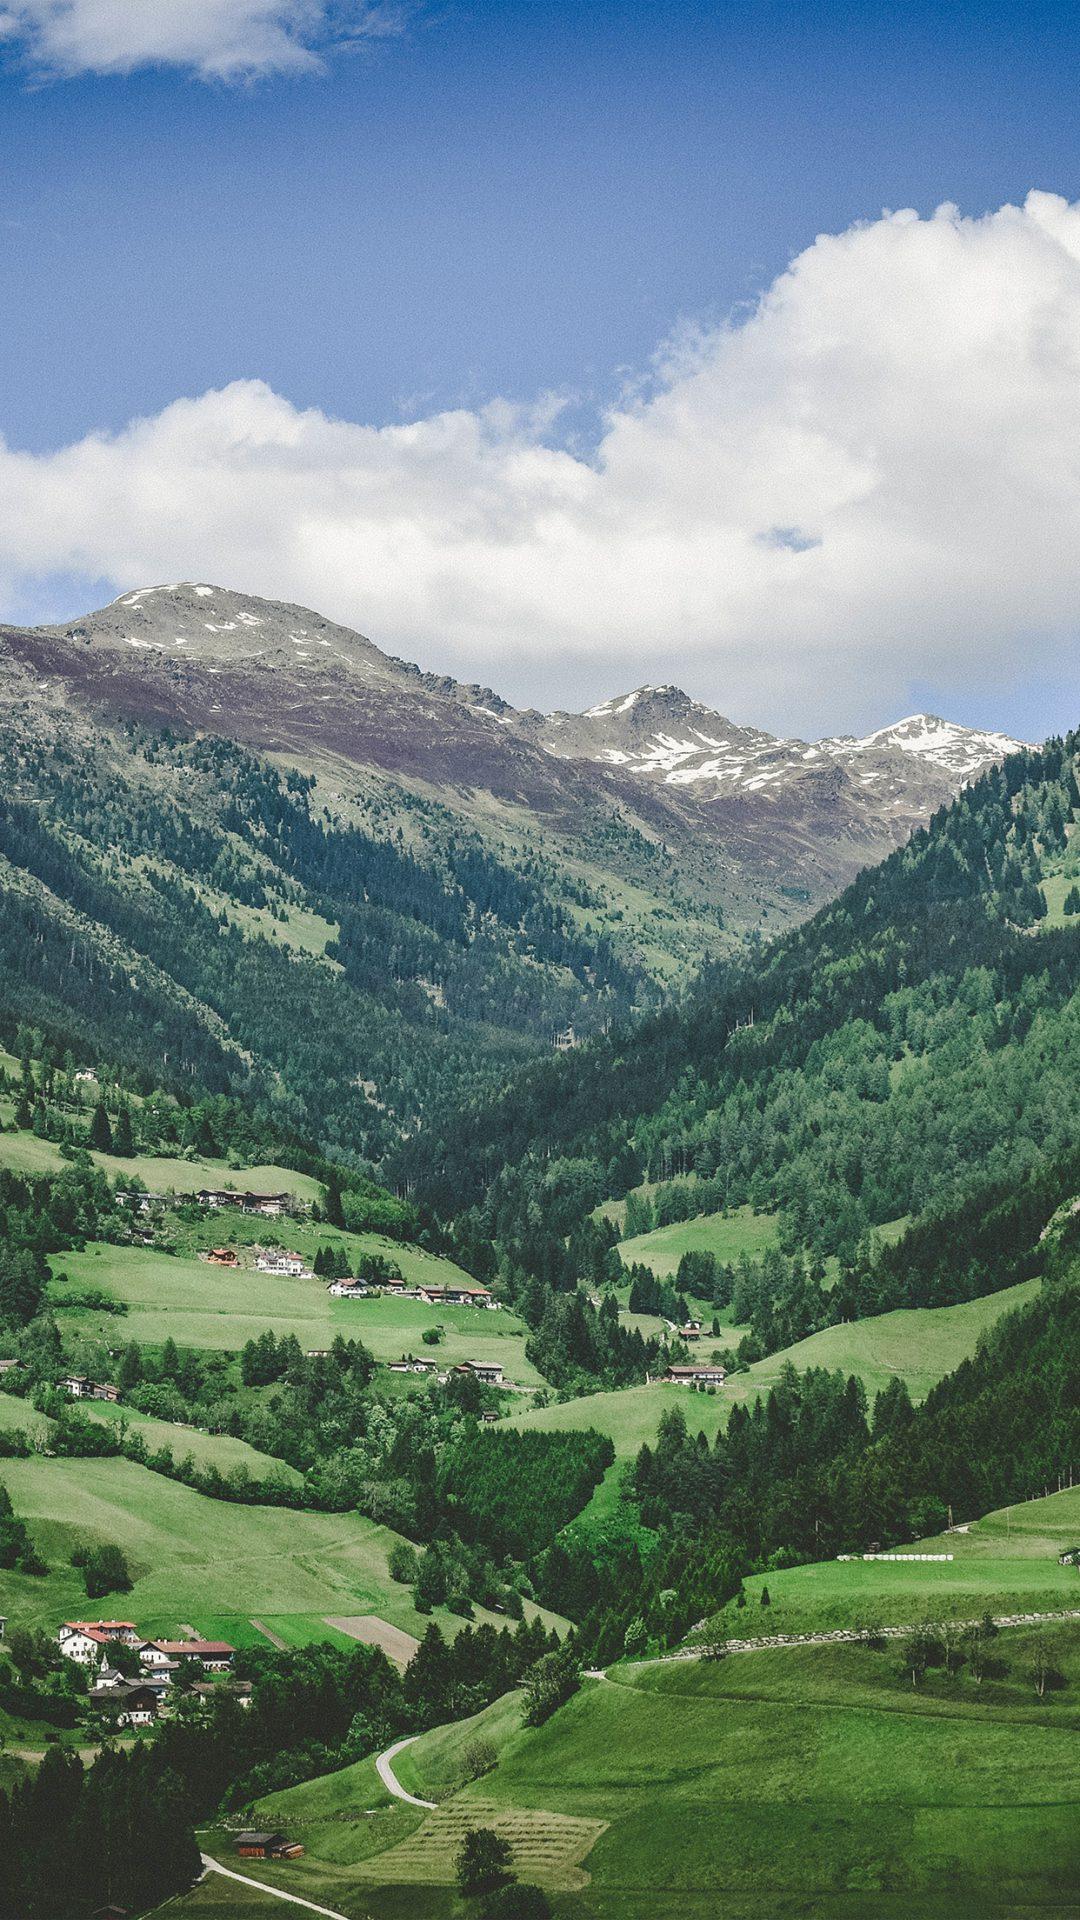 Summer Mountain Town Nature Green Swiss